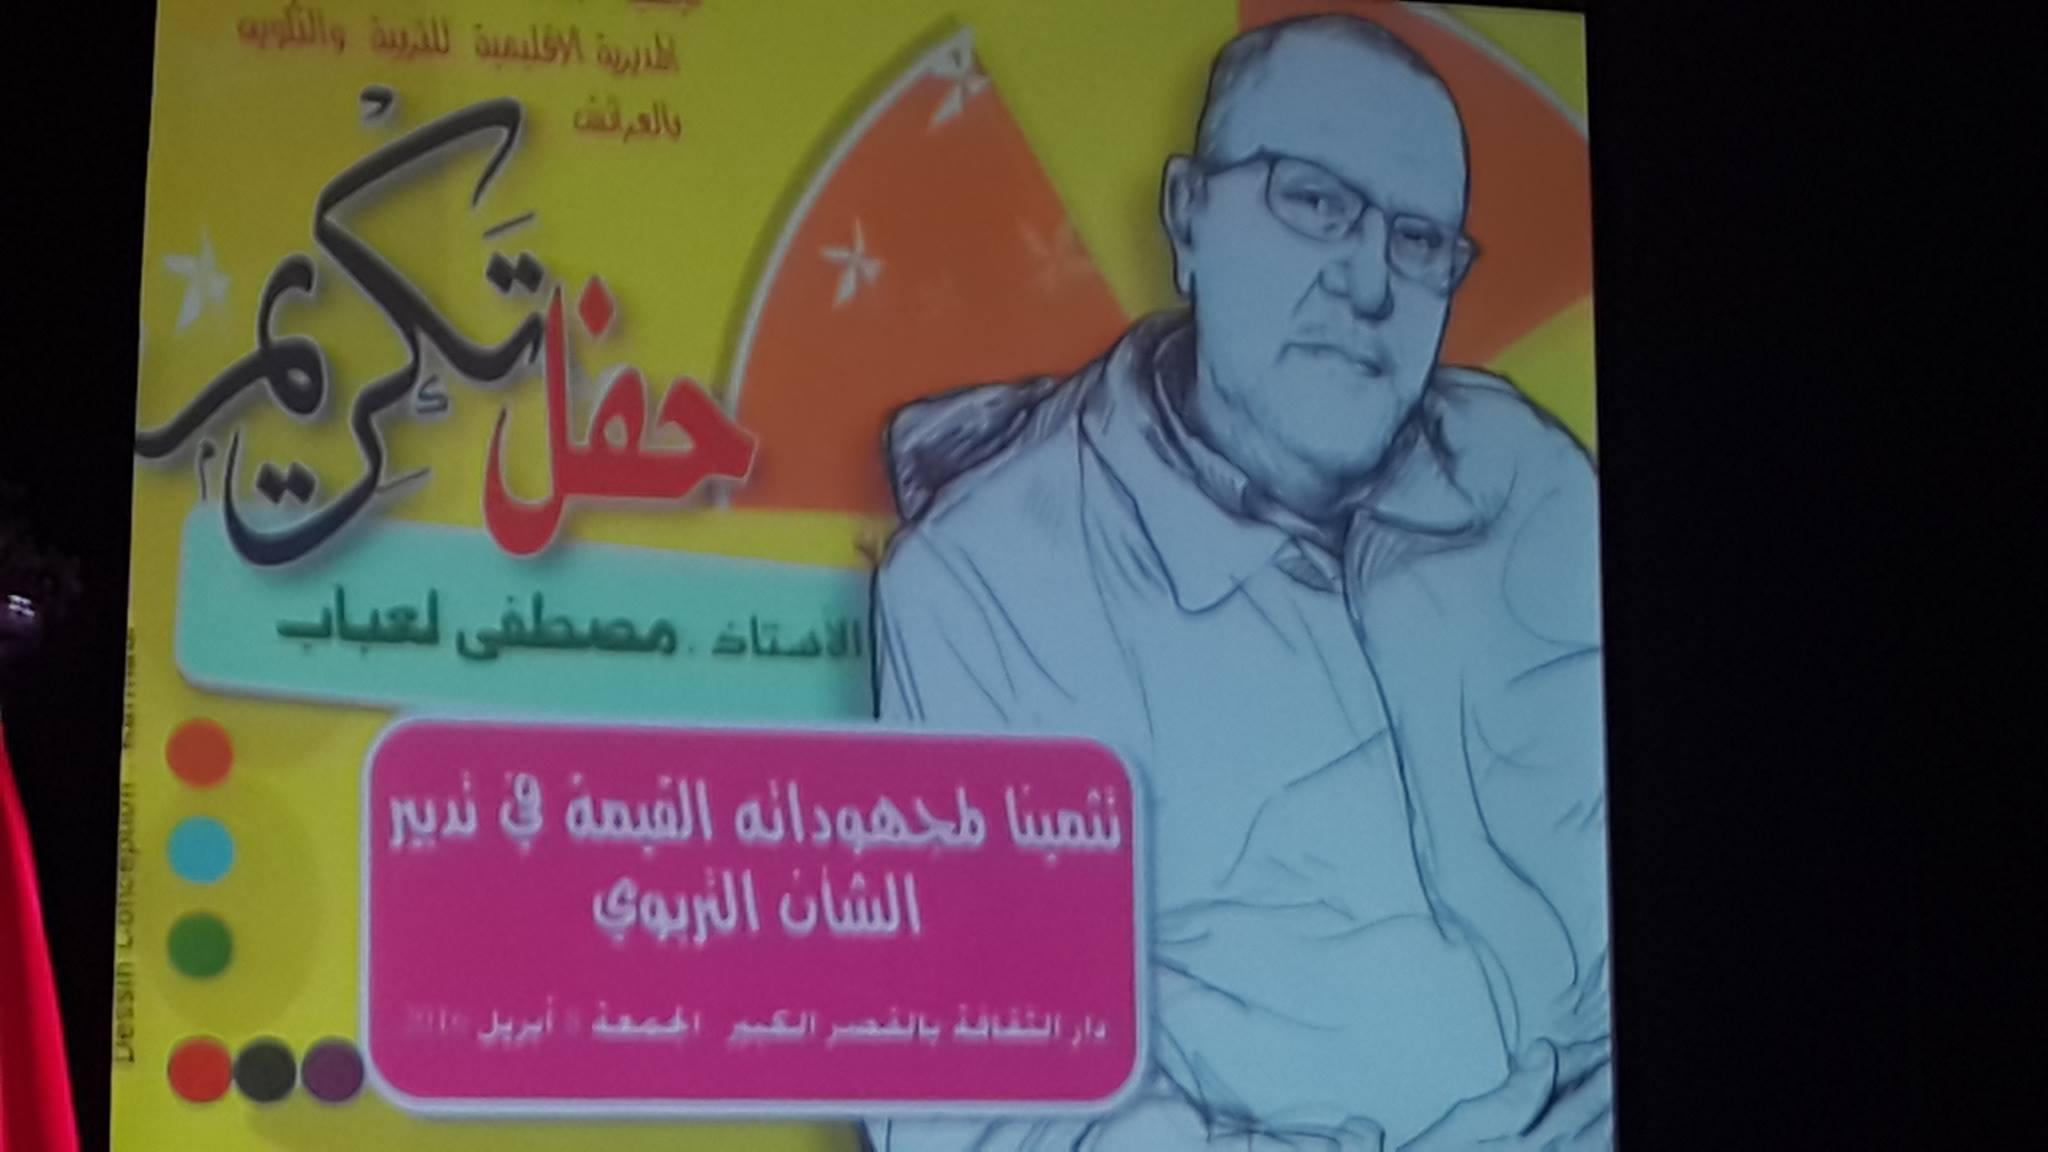 المديرية الإقليمية بالعرائش تكرم النائب الإقليمي السابق مصطفى لعباب